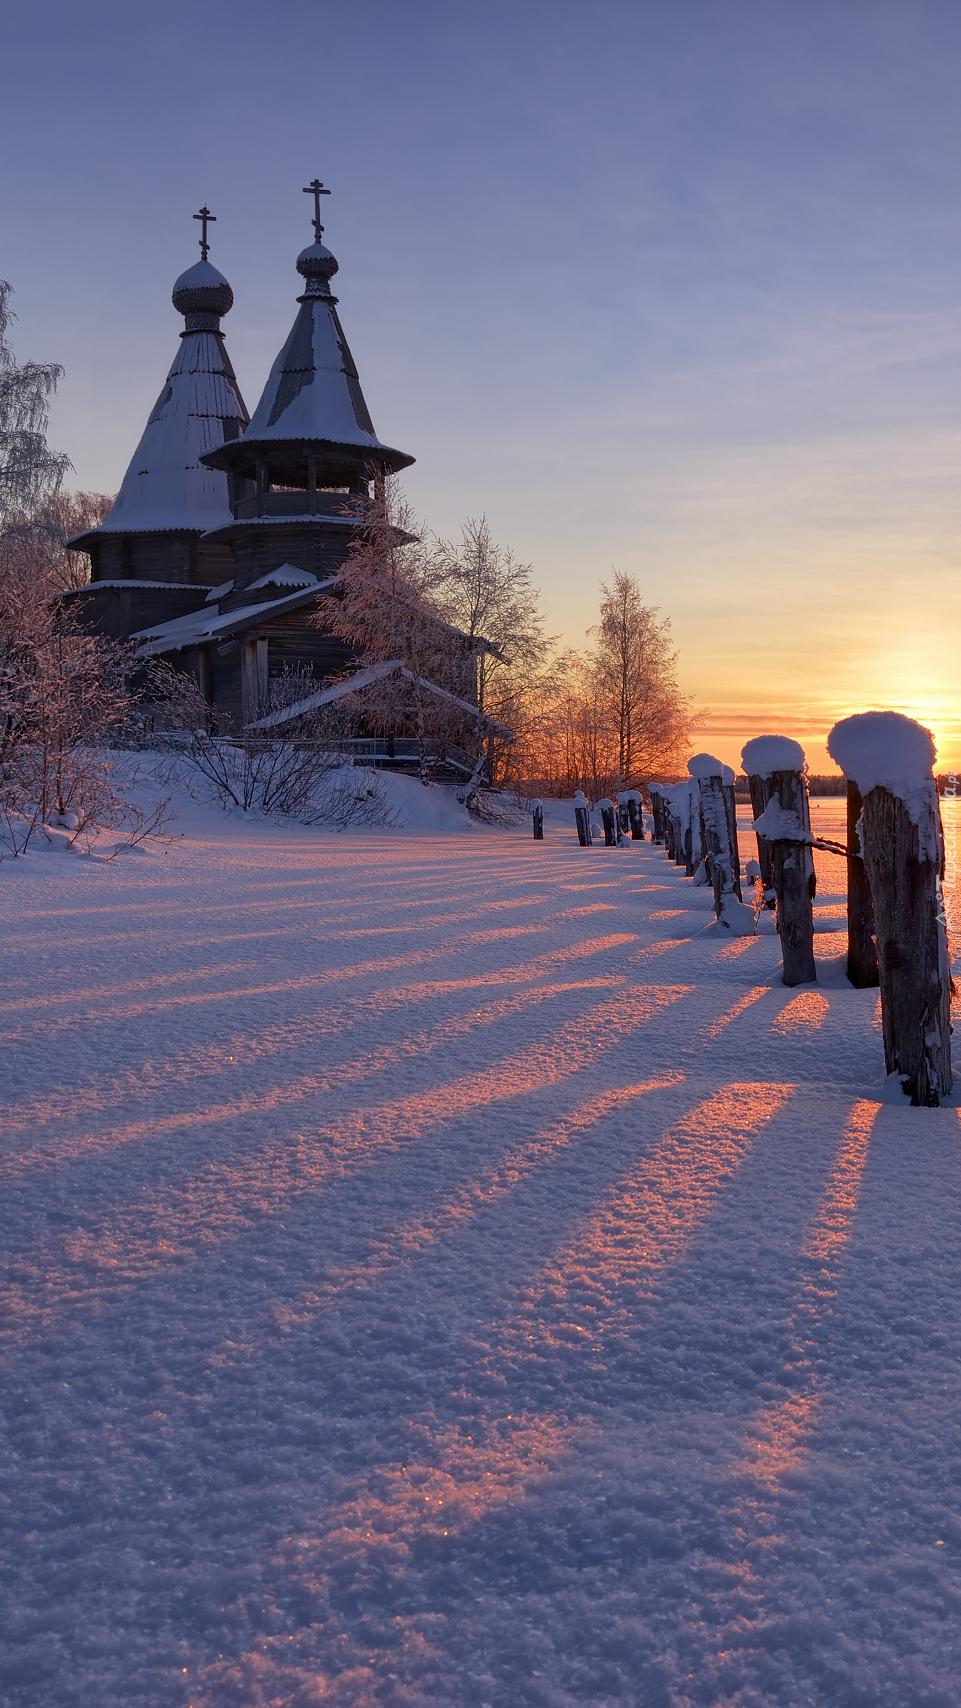 Cerkiew zimą o wschodzie słońca